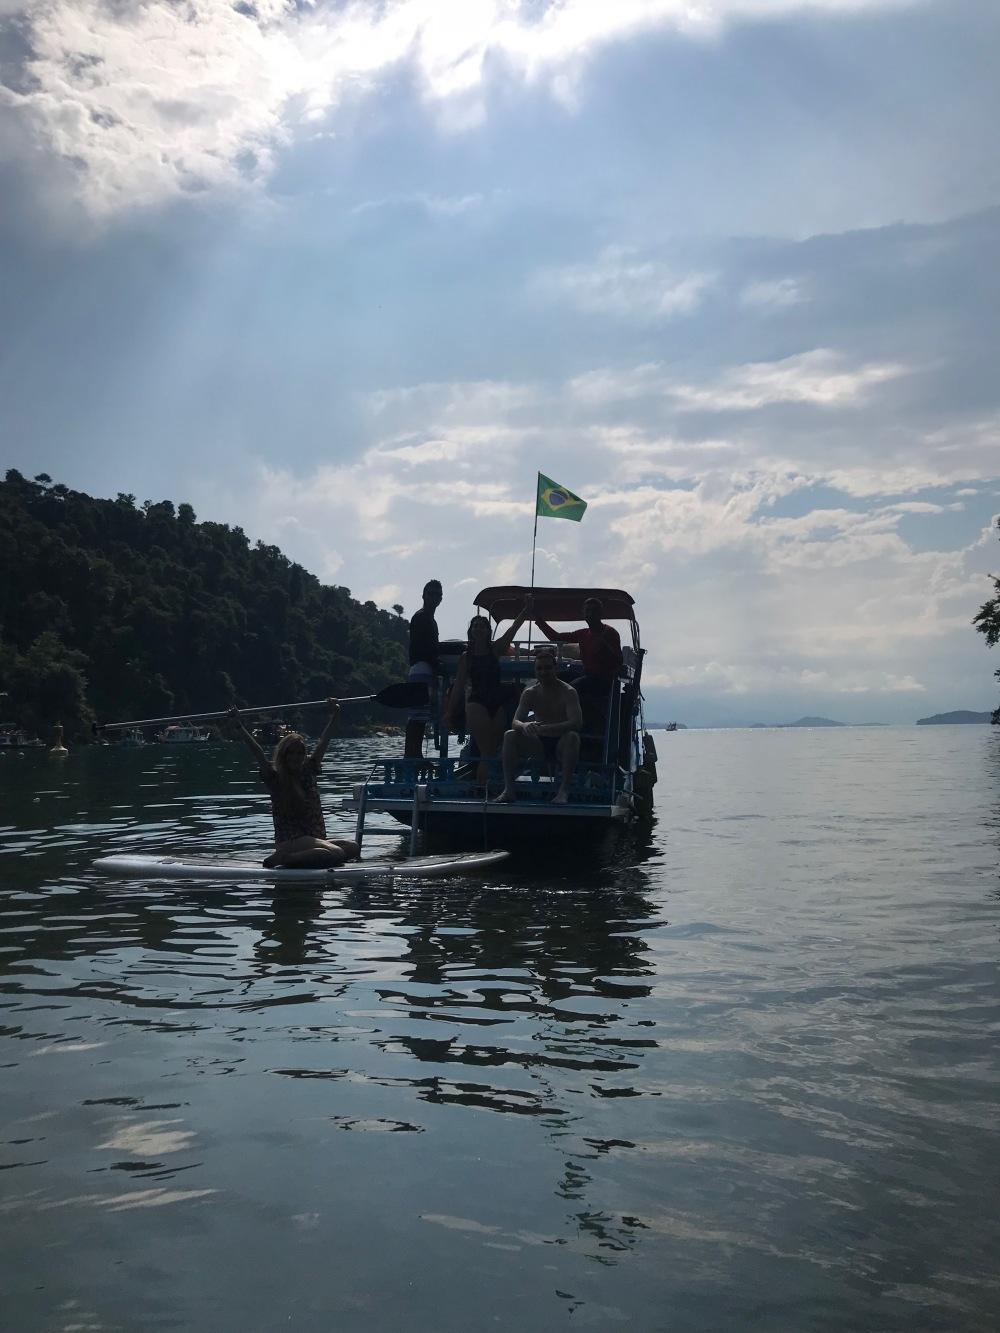 Barco das Viajandinhas na Praia do Jurumirim